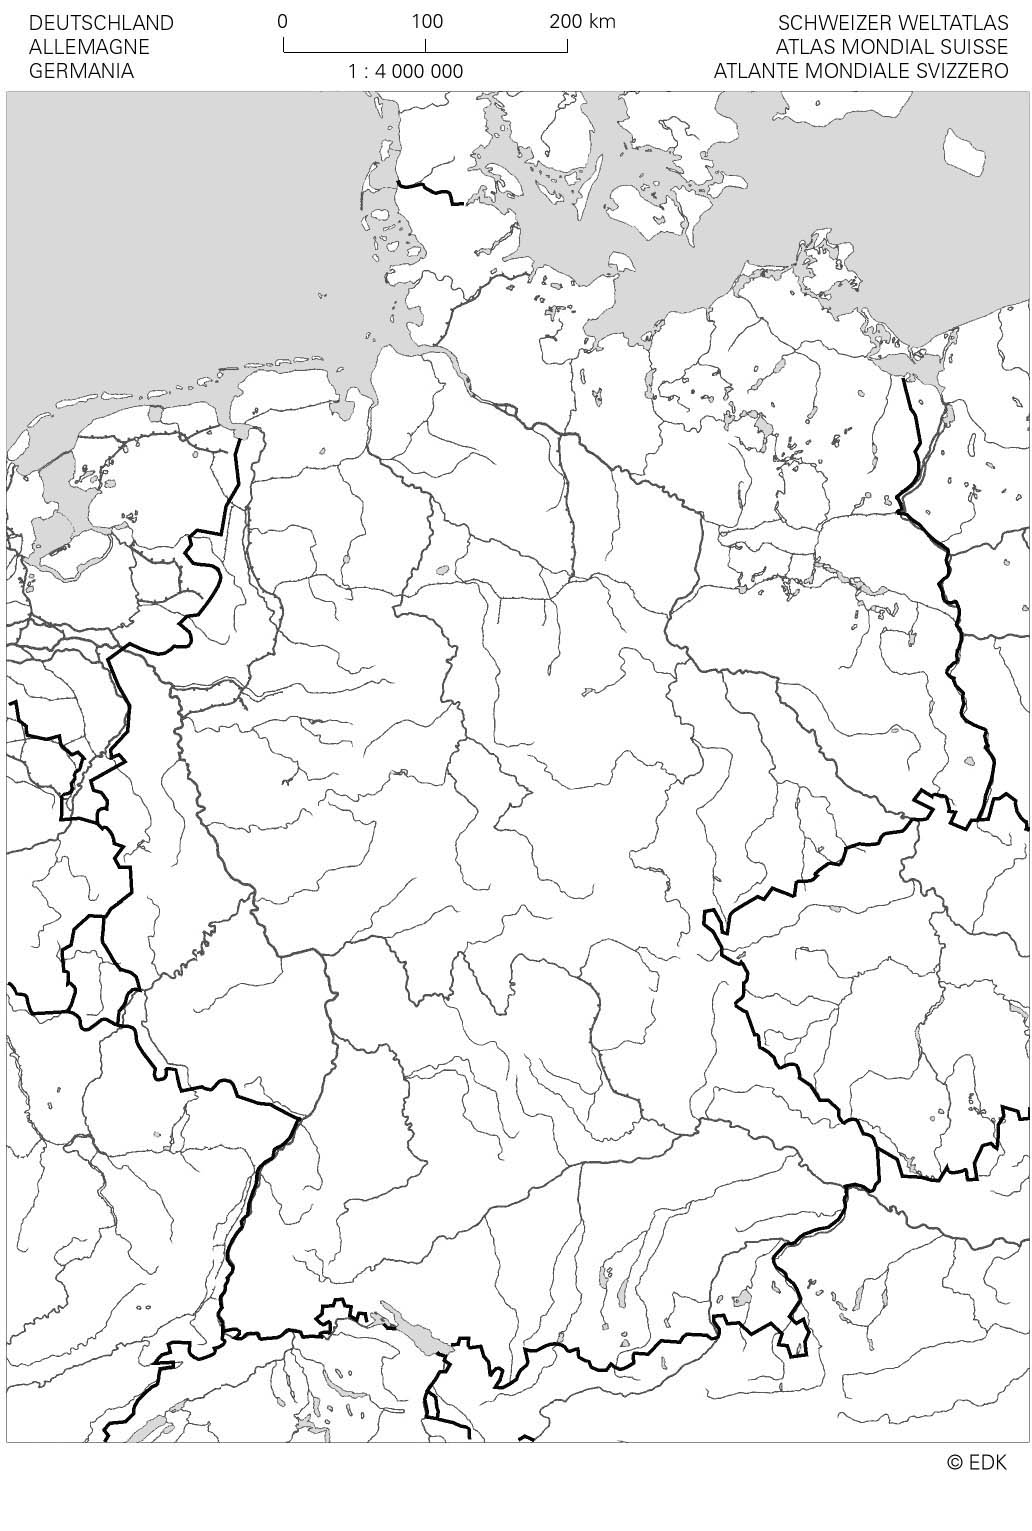 Swisseduc Geographie Atlas Kopiervorlagen